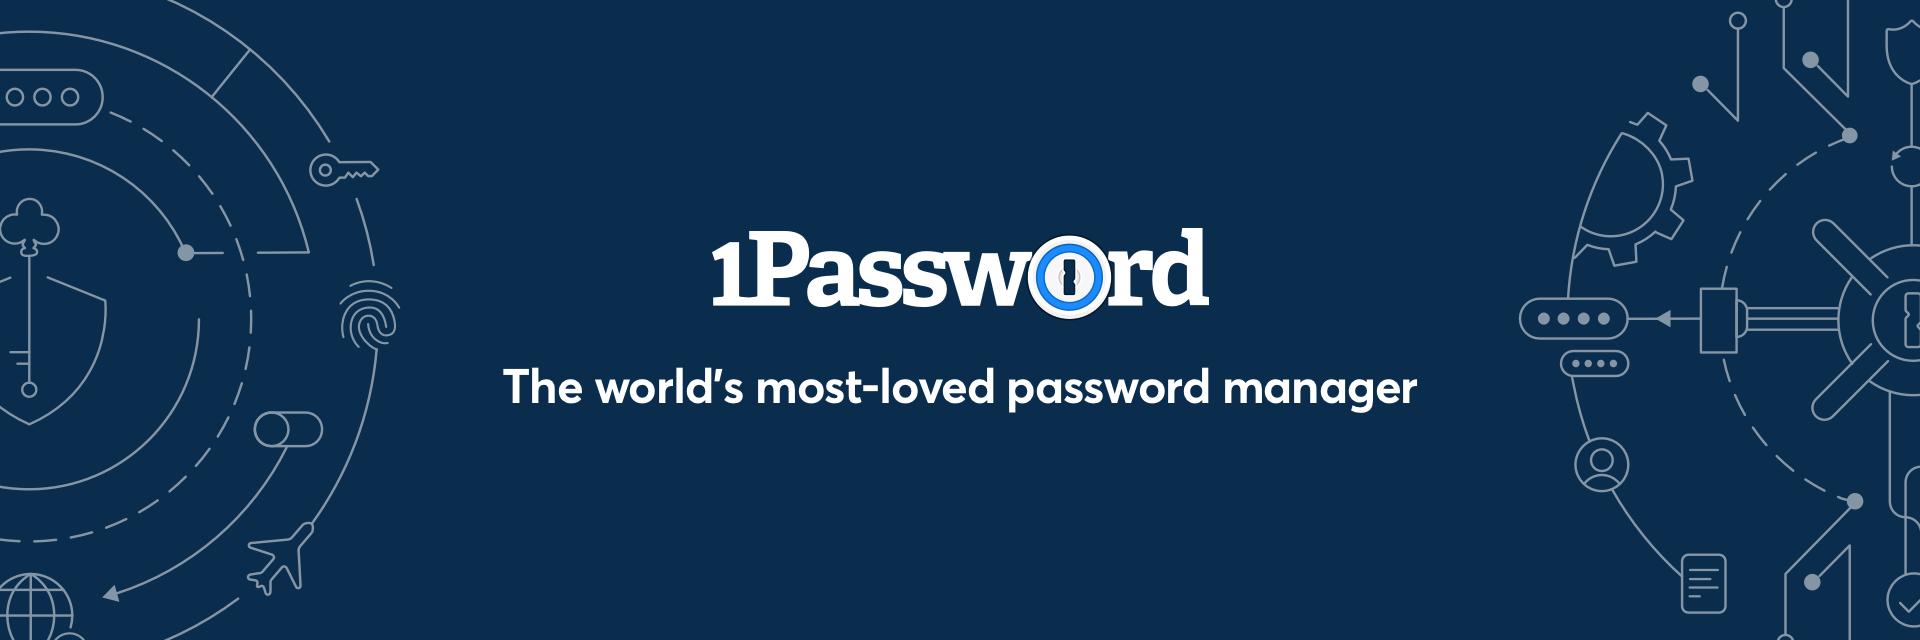 1Password banner